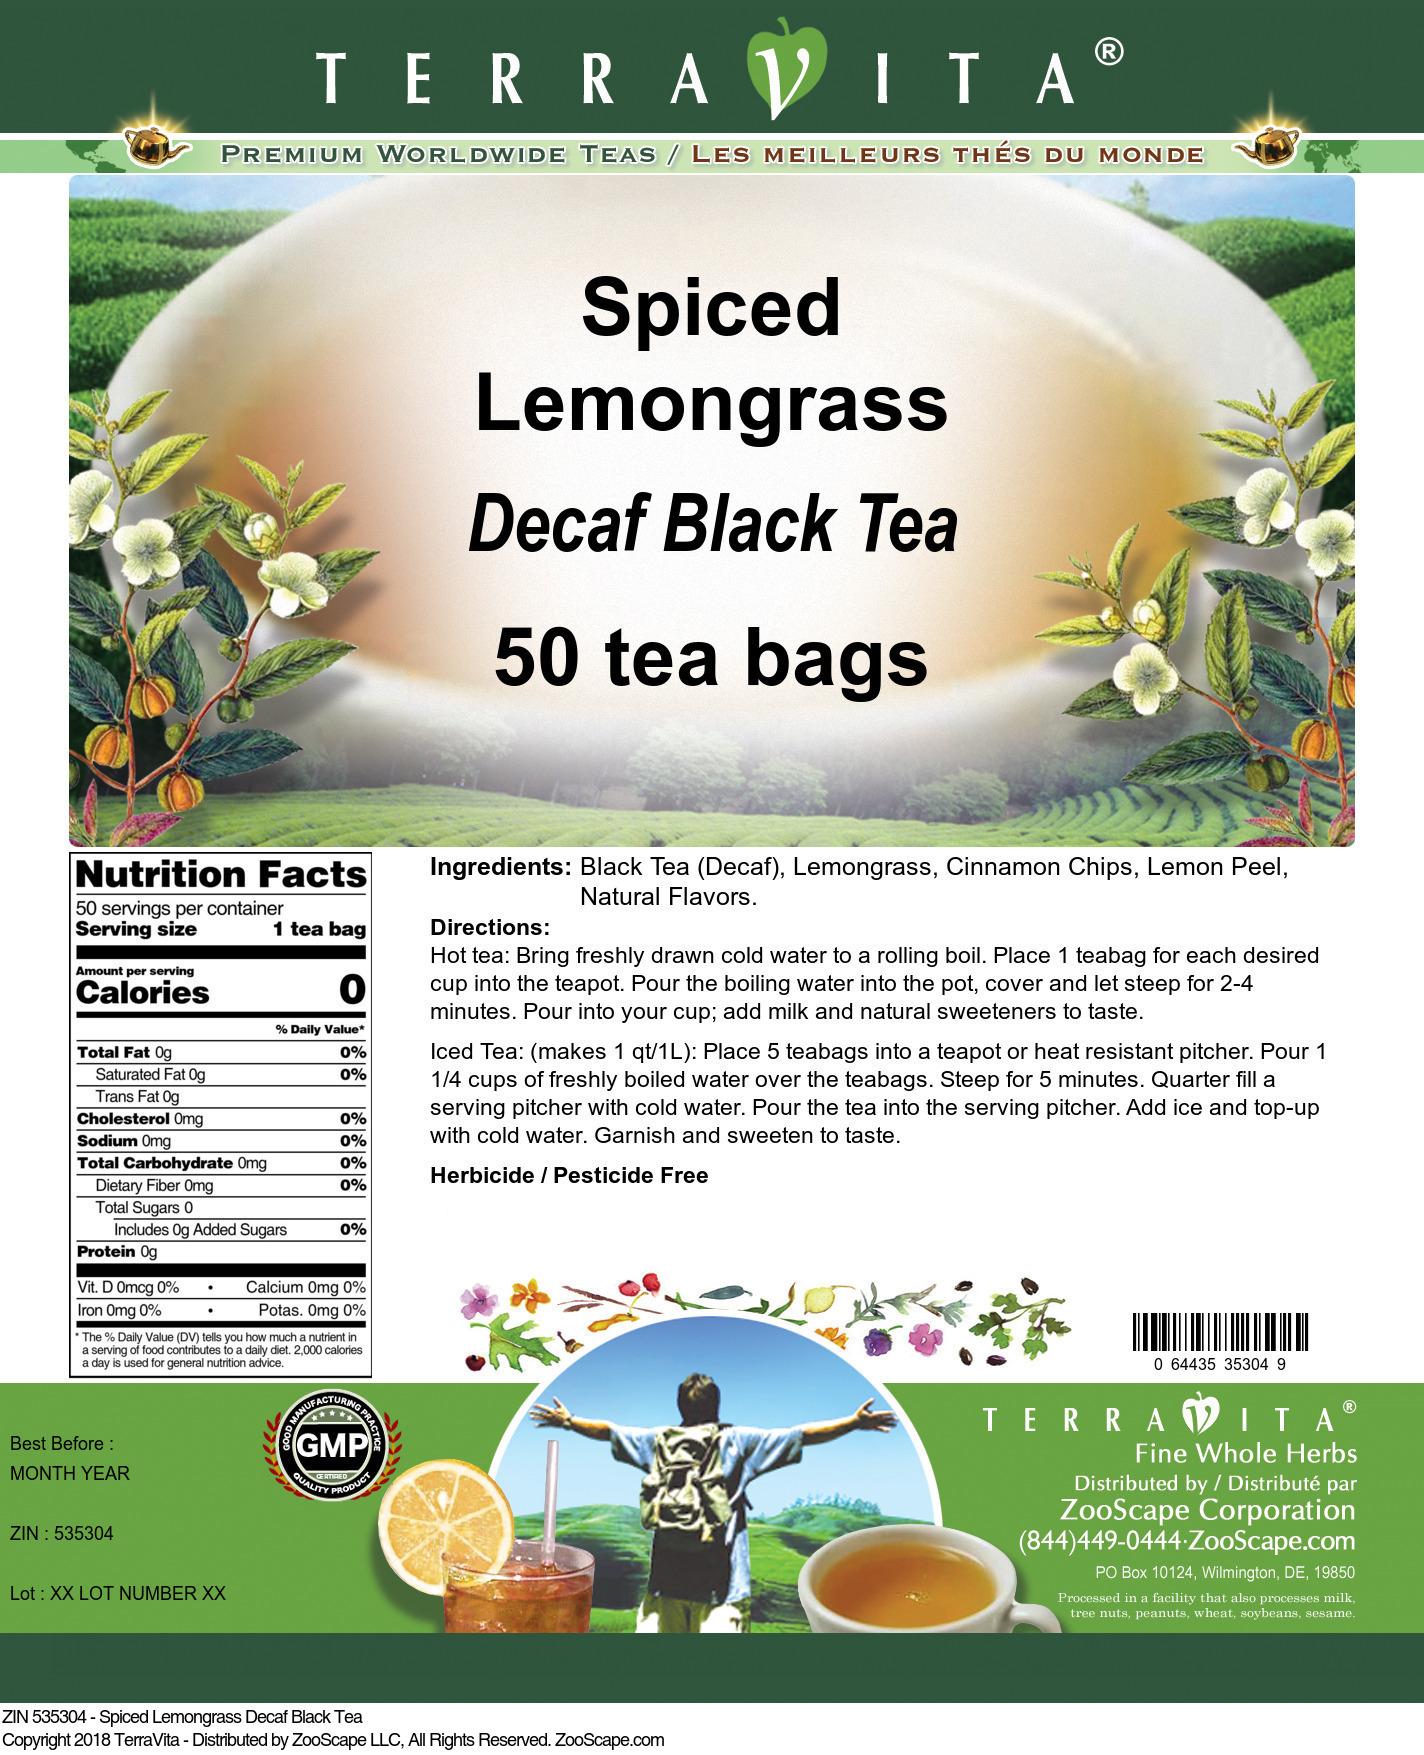 Spiced Lemongrass Decaf Black Tea